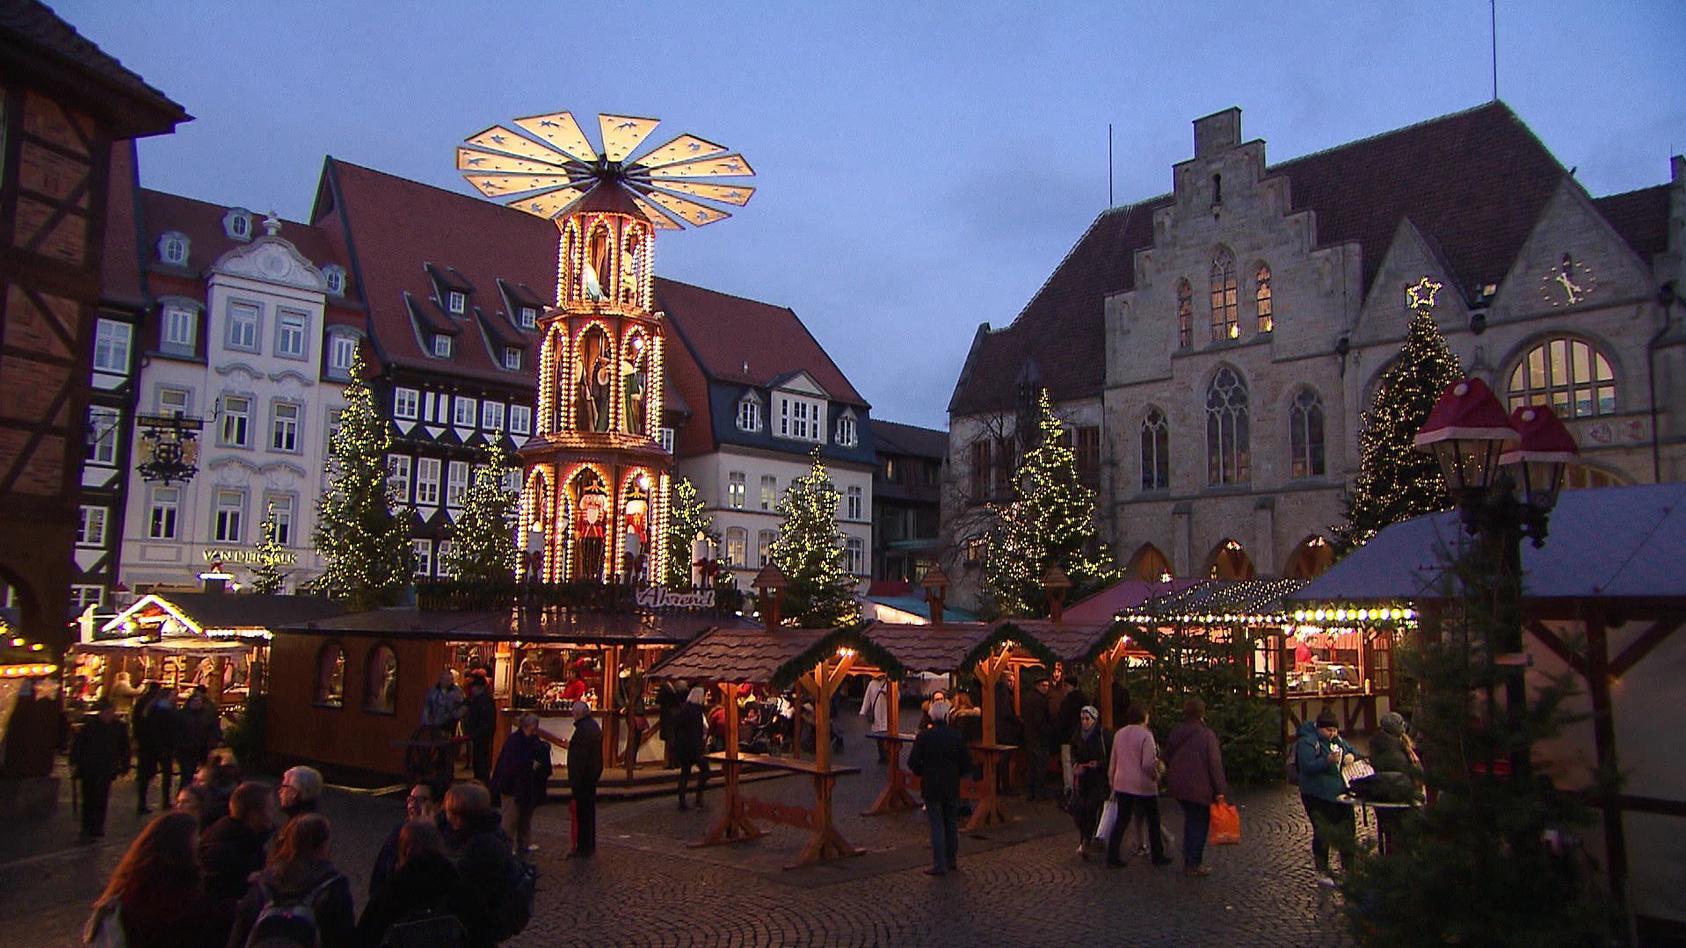 nach-einer-coronabedingten-pause-sollen-in-diesem-jahr-auch-wieder-weihnachtsmarkte-in-niedersachsen-moglich-sein